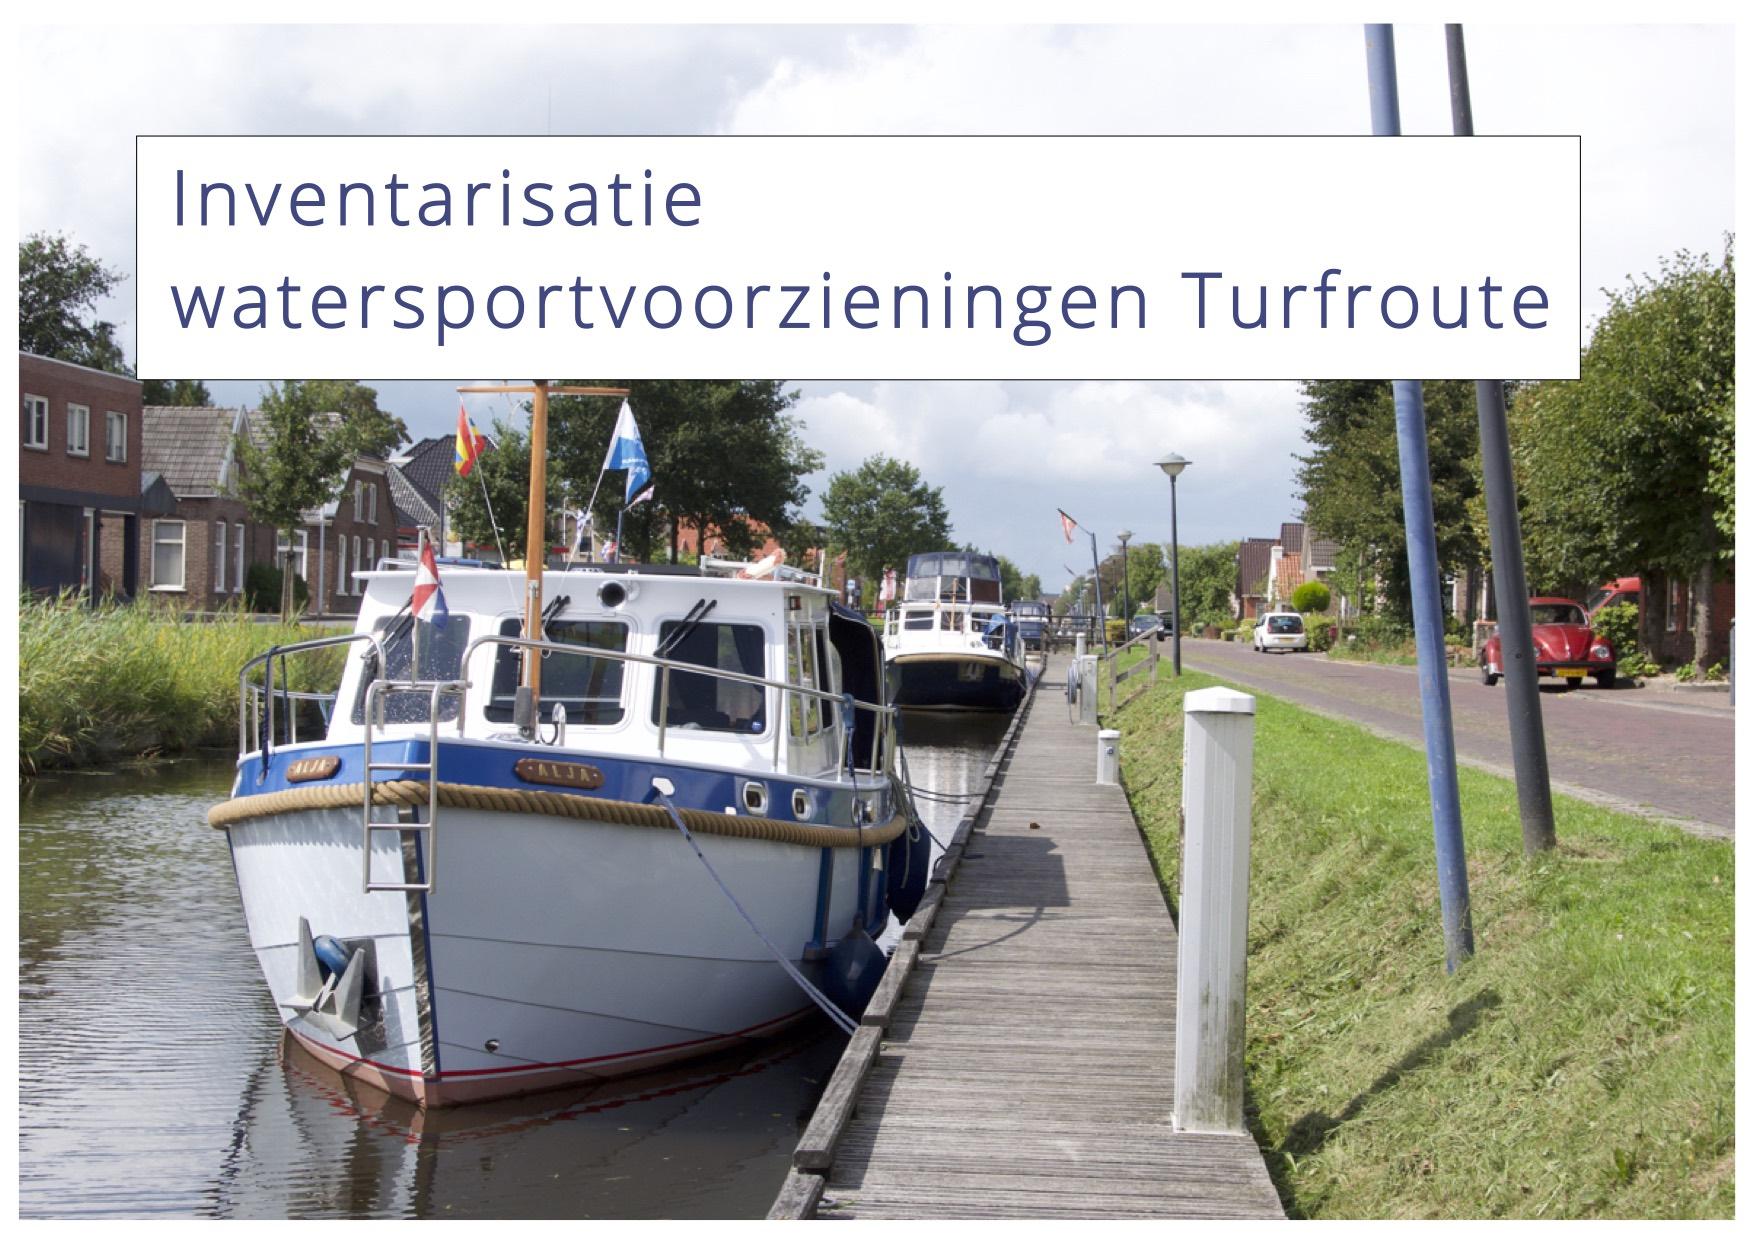 Inventarisatie watersportvoorzieningen Turfroute.jpg